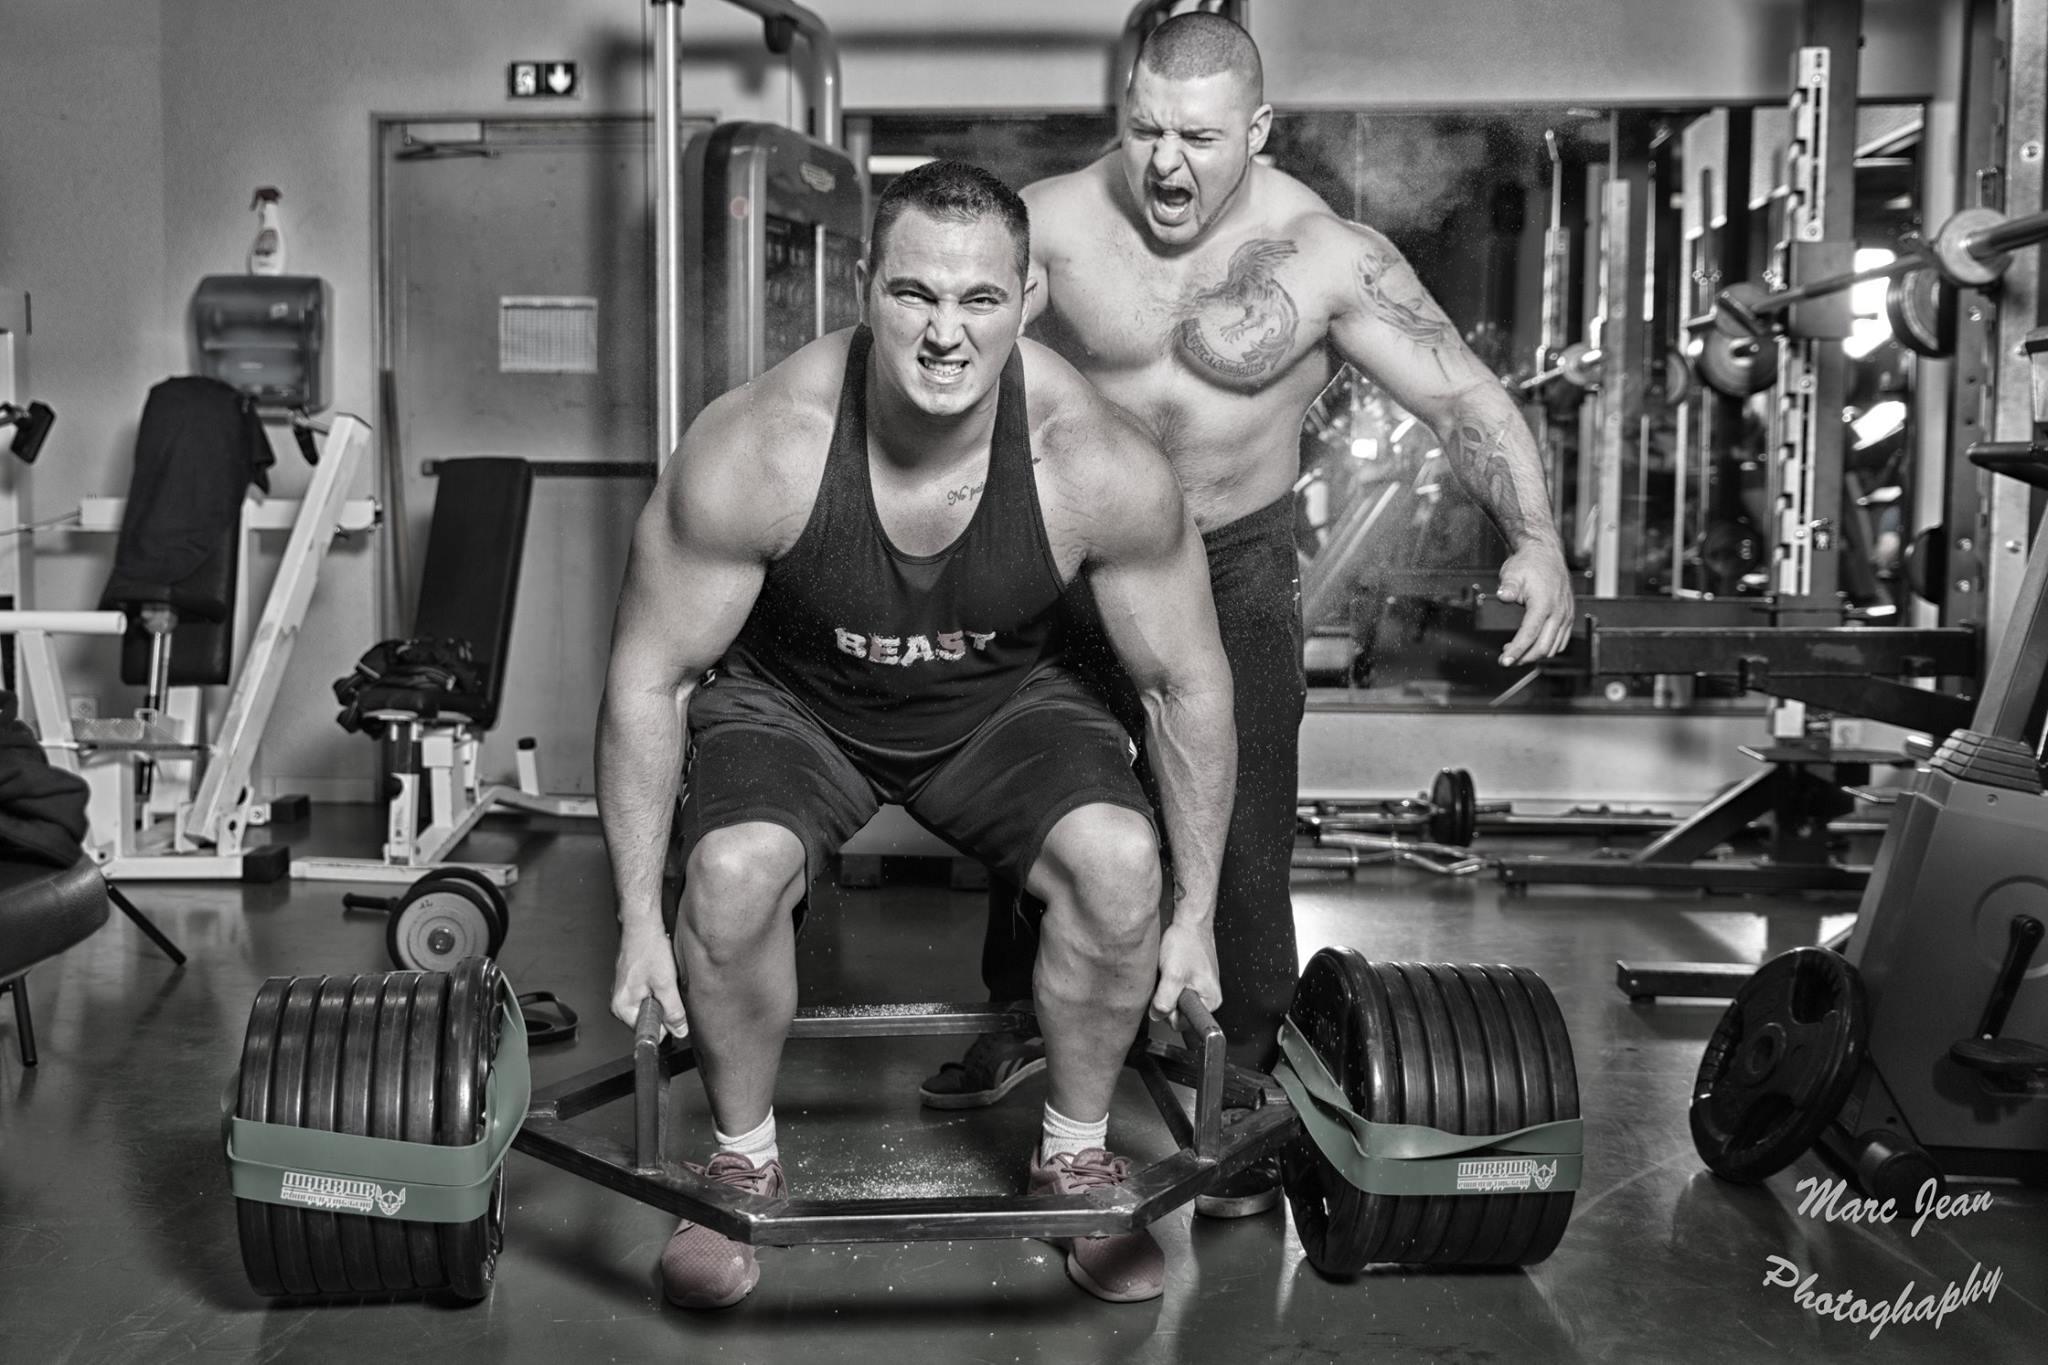 alexandre hulin powerlifter warrior powerlifting gear